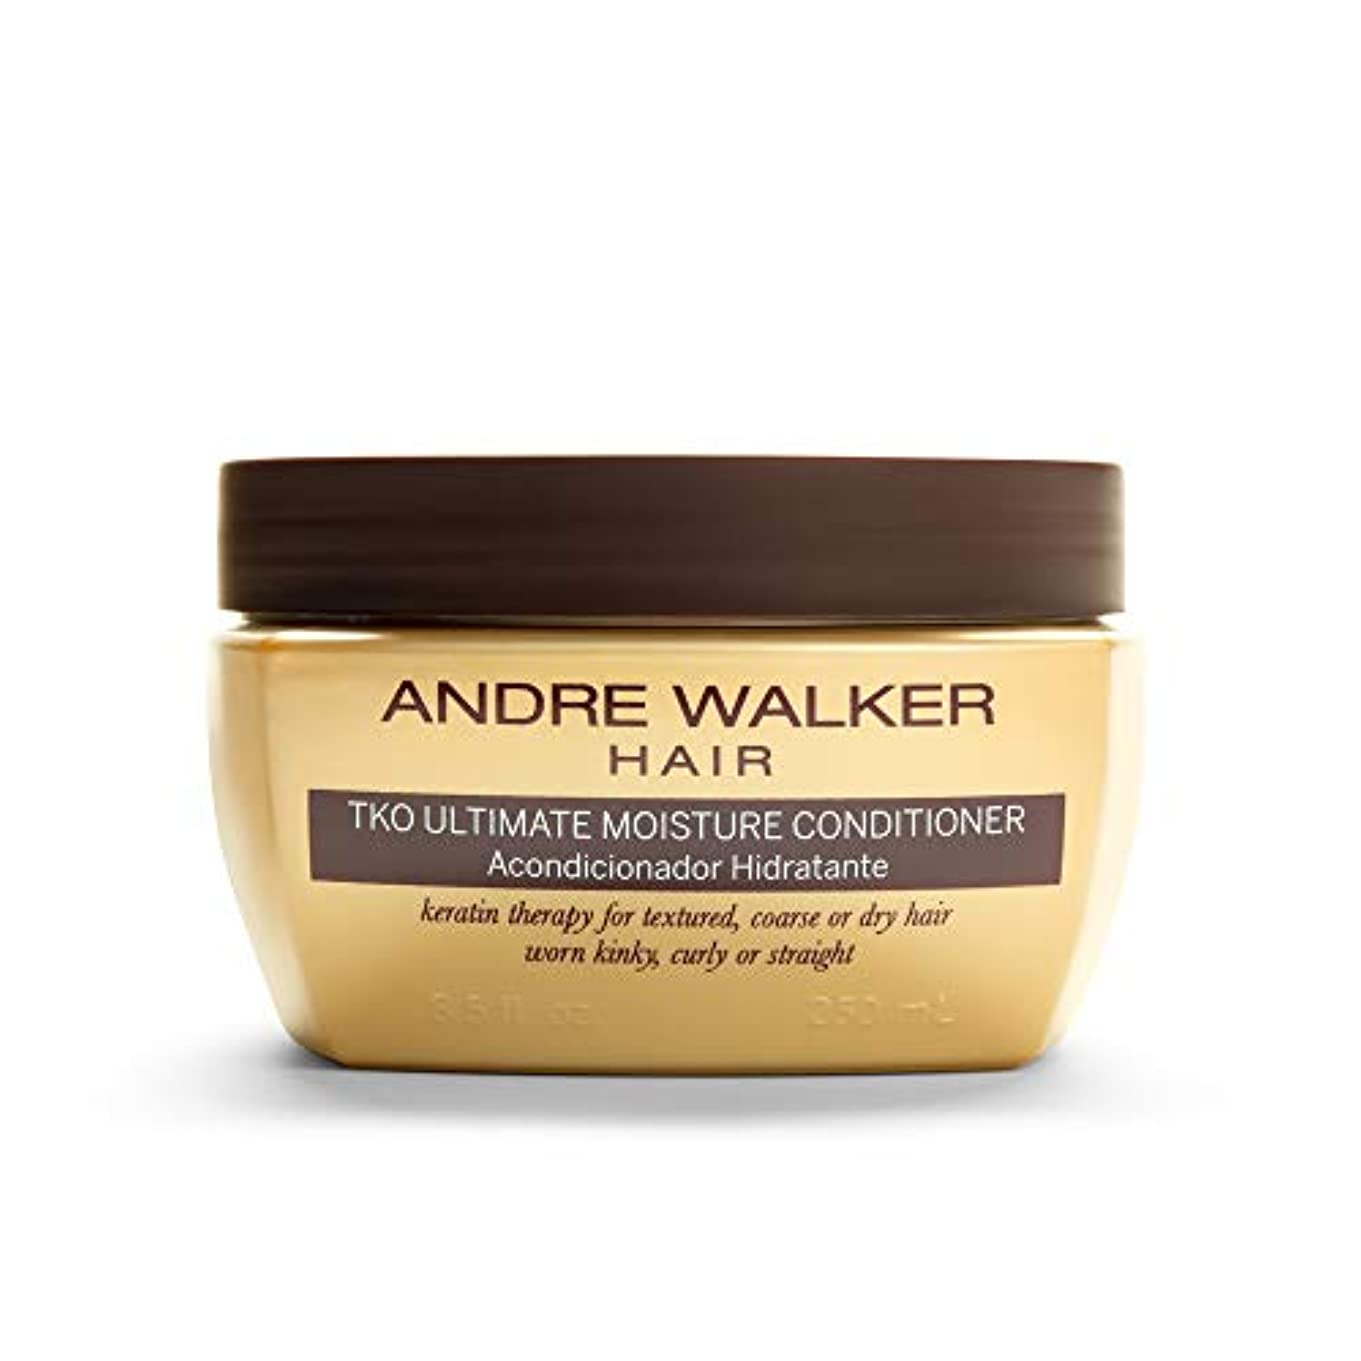 その麦芽オーラルAndre Walker Hair The Gold System TKO Ultimate Moisture Conditioner 8.5 fl oz. by Andre Walker Hair